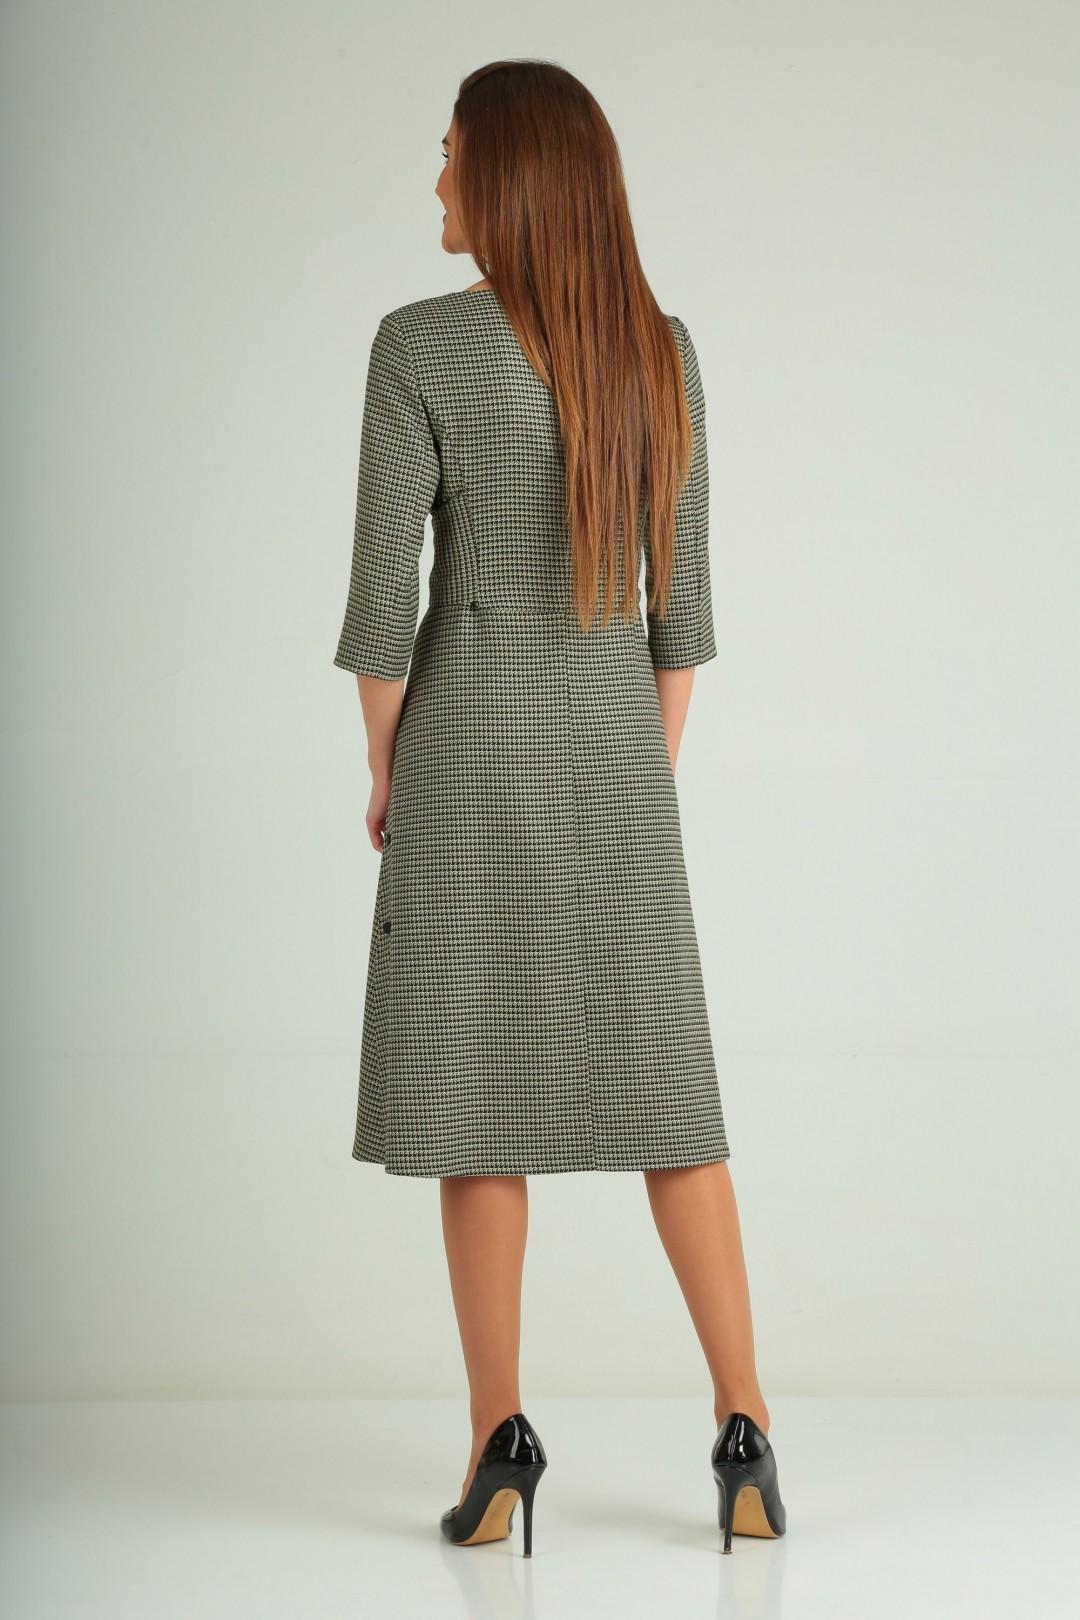 Платье Карина Делюкс В-170 черно-оливковый